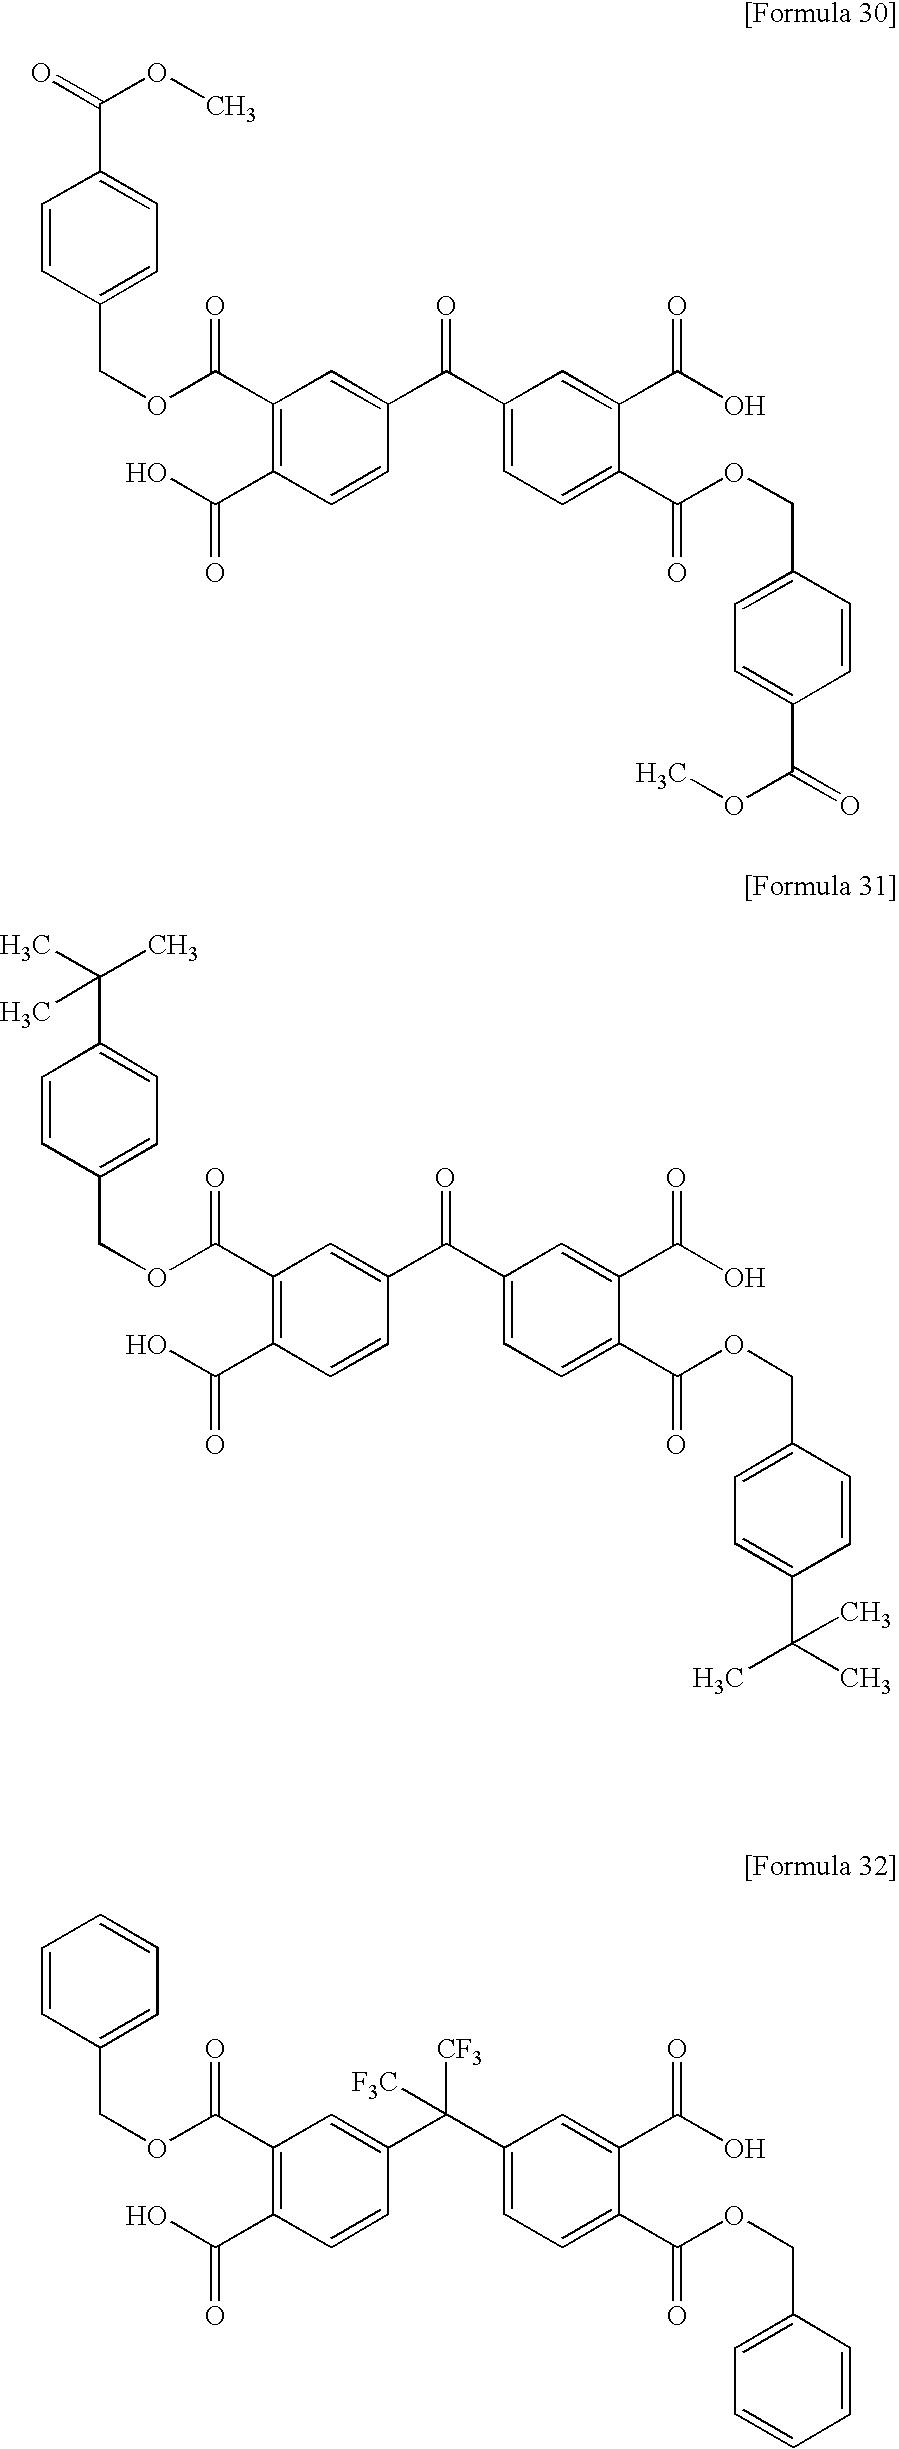 Figure US20100055408A1-20100304-C00016